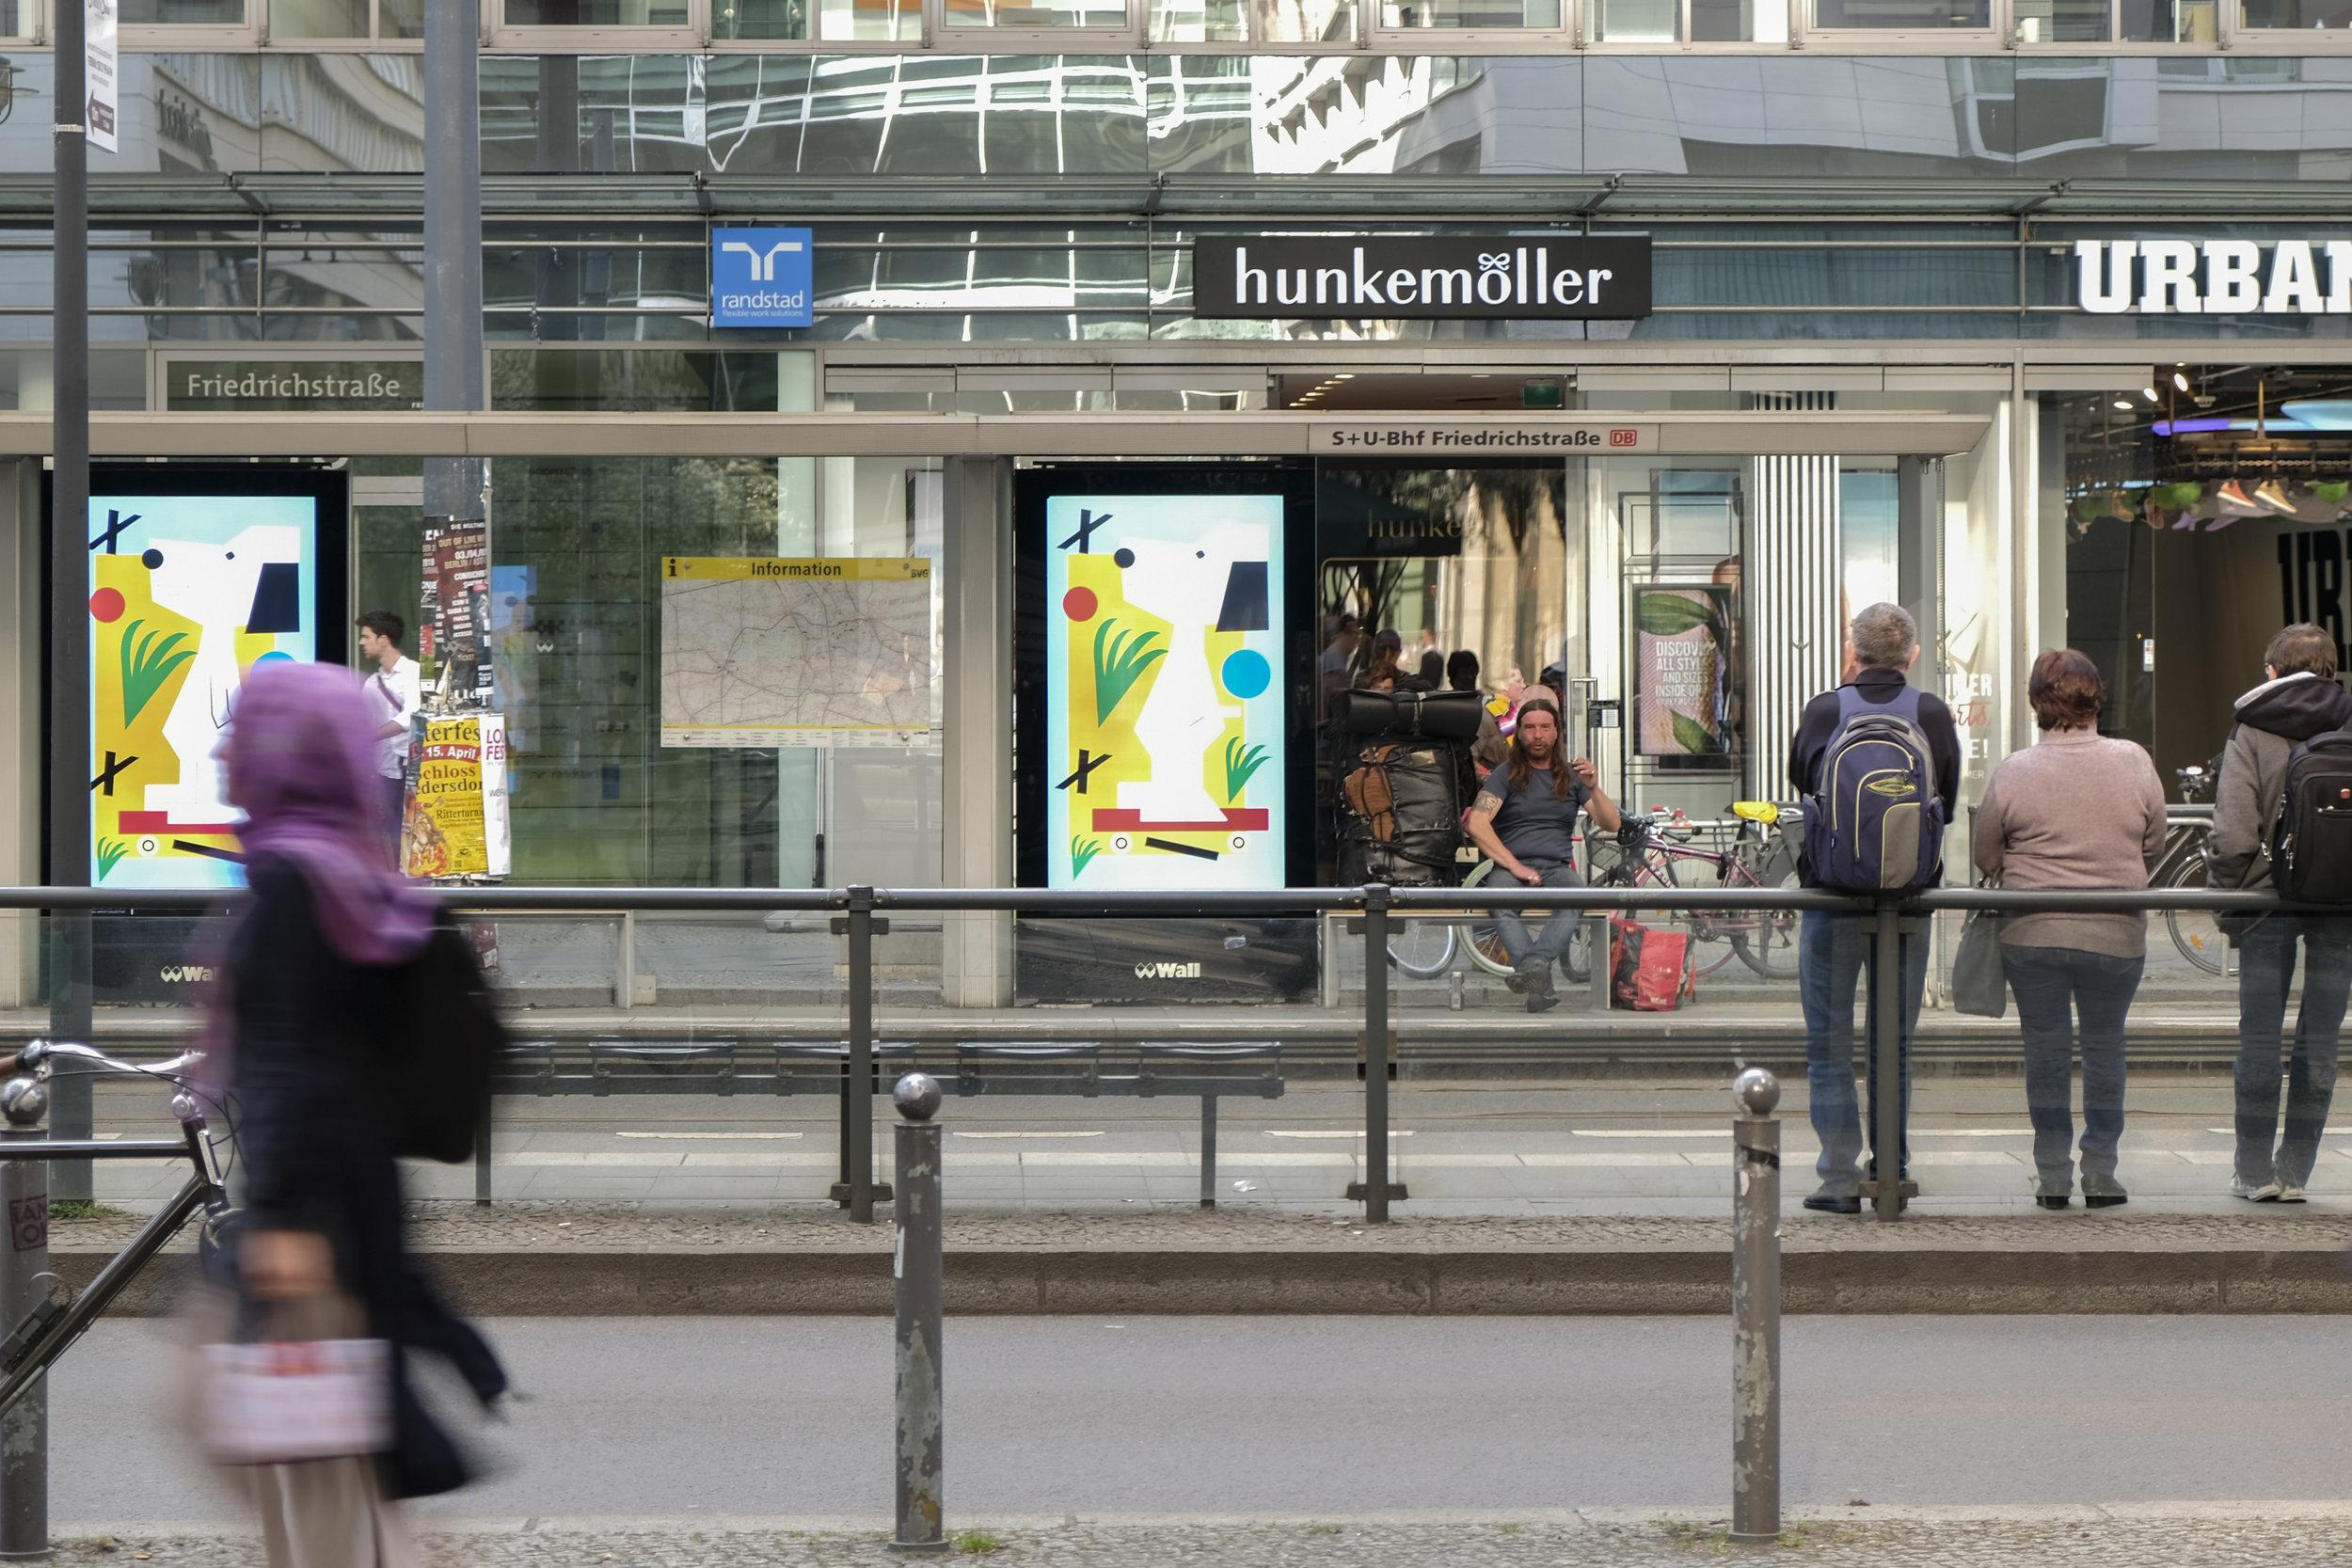 Peanuts_Berlin_DDN_week 16 (1).jpg